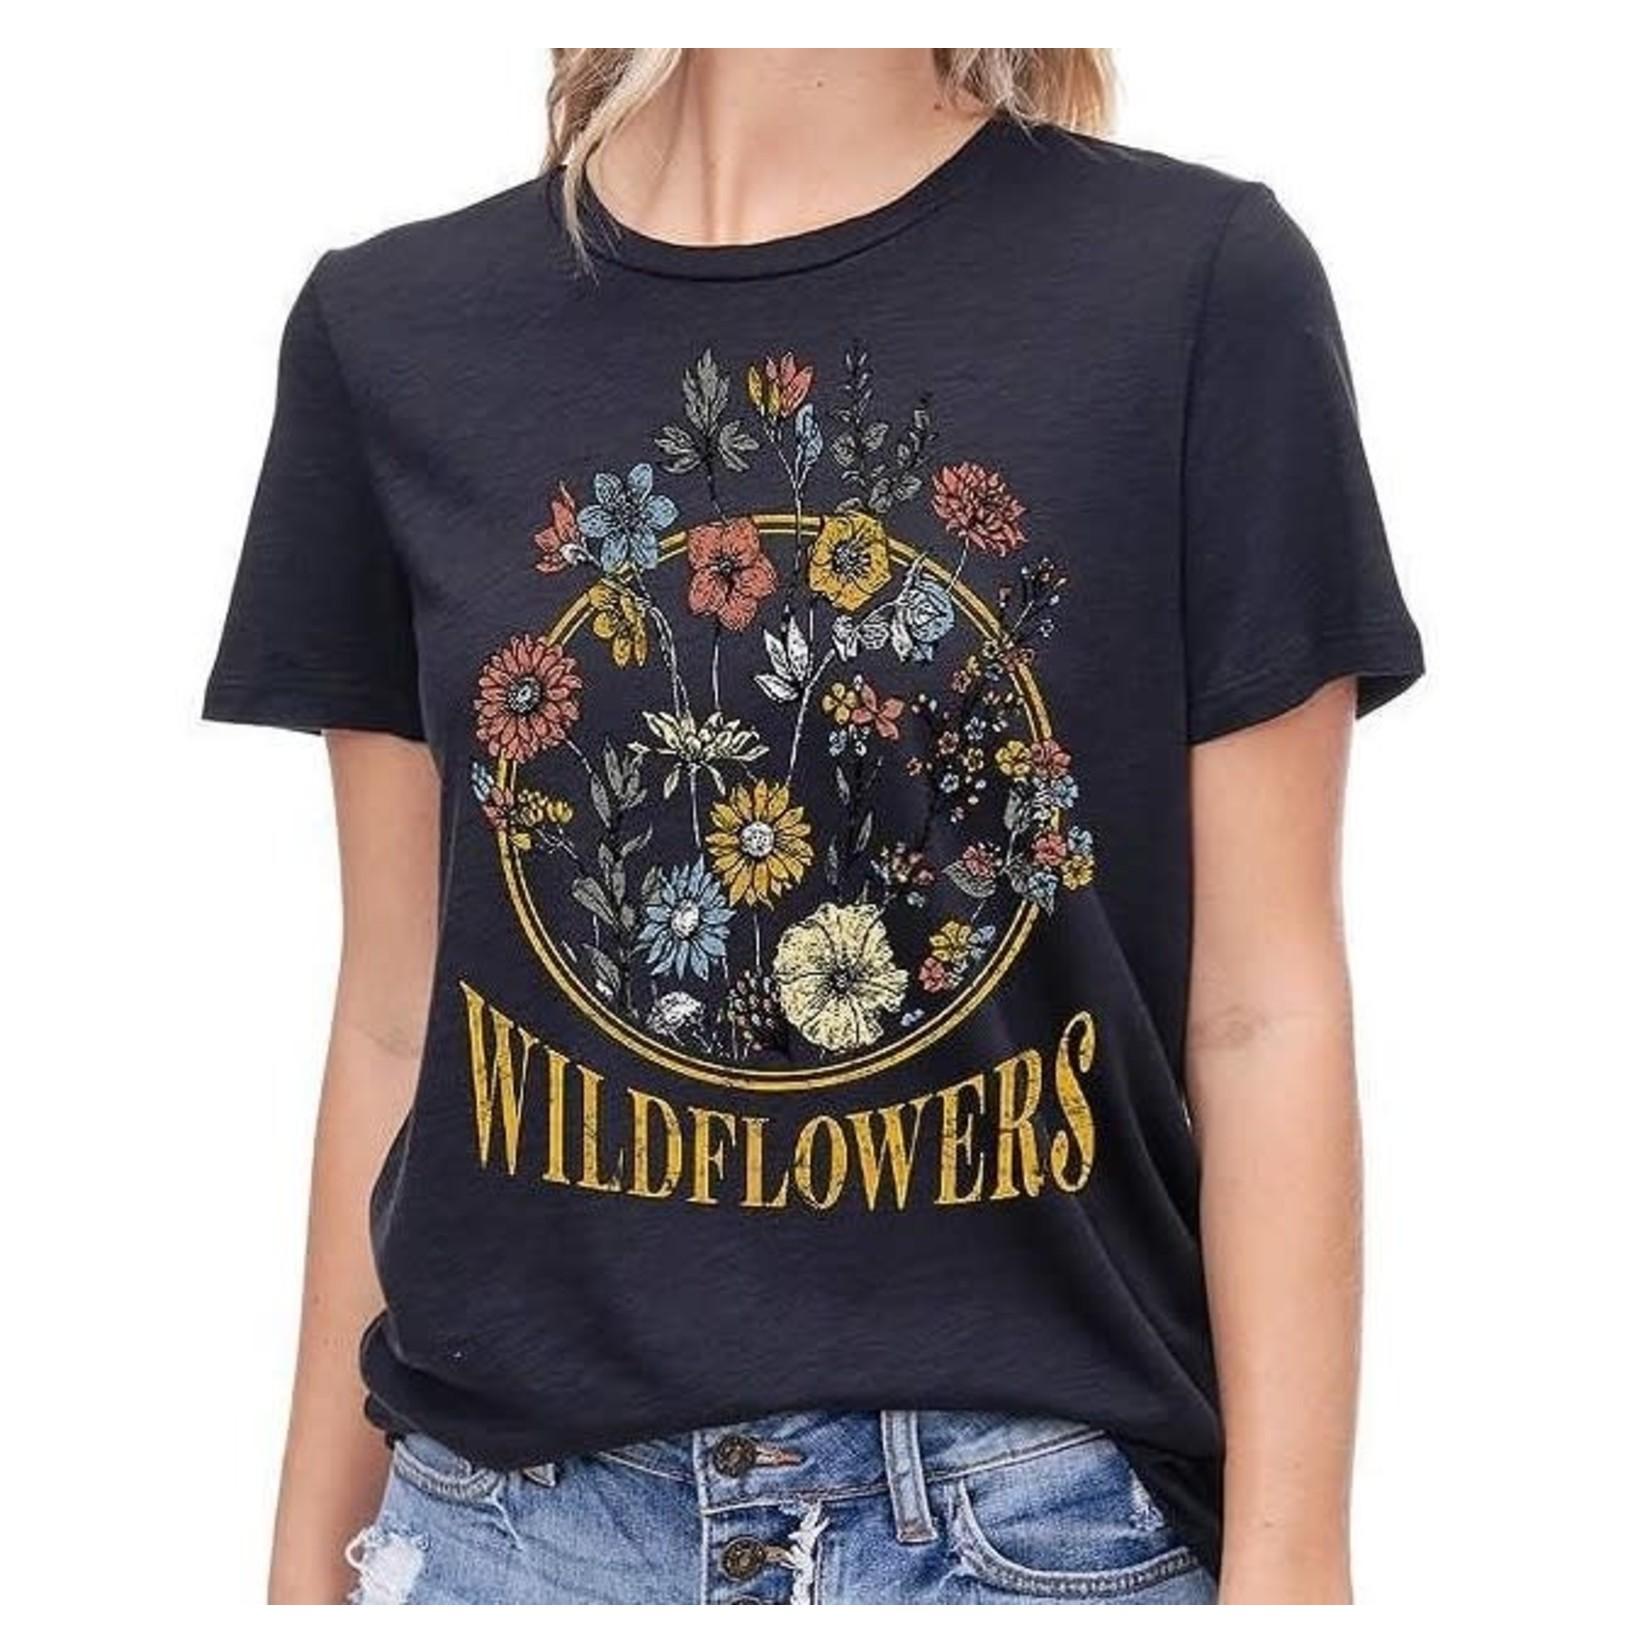 ZUTTER Graphic Tee: Wildflower